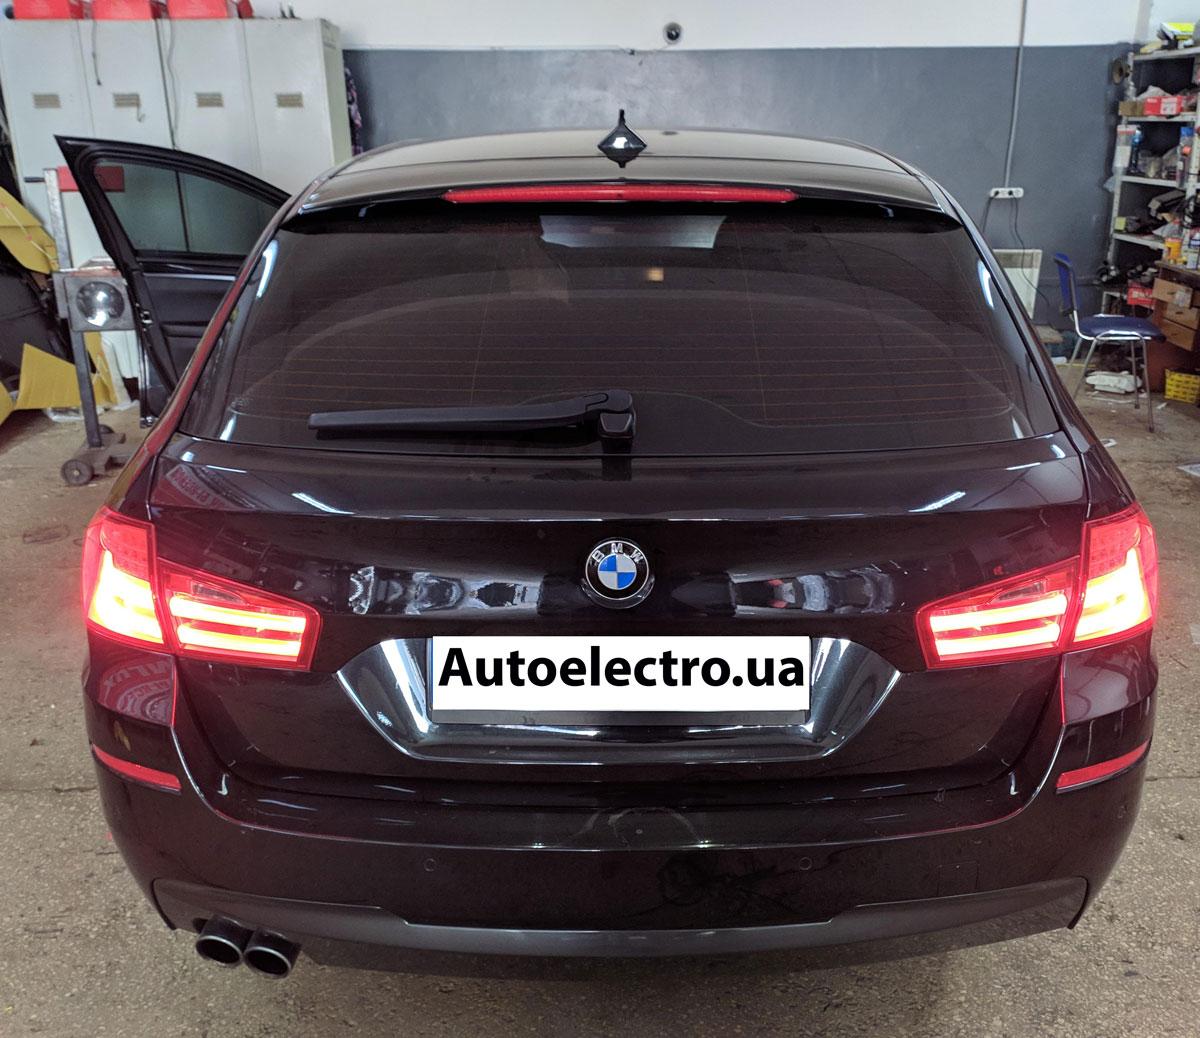 Установка автосигнализации на BMW 5 F11